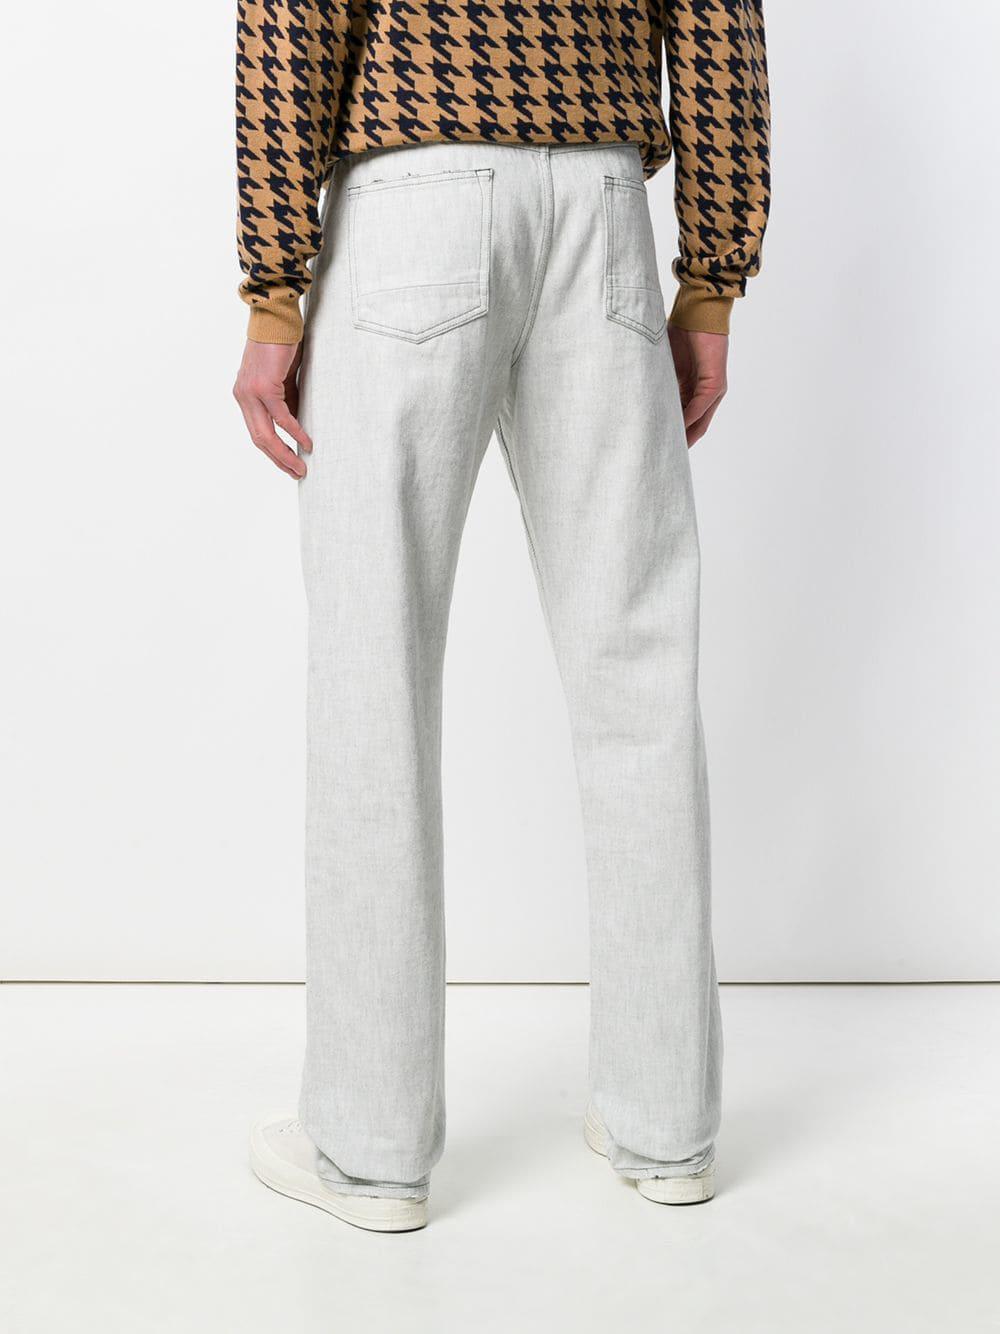 Natural Selection Denim Jeans Met Rechte Pijpen in het Grijs voor heren